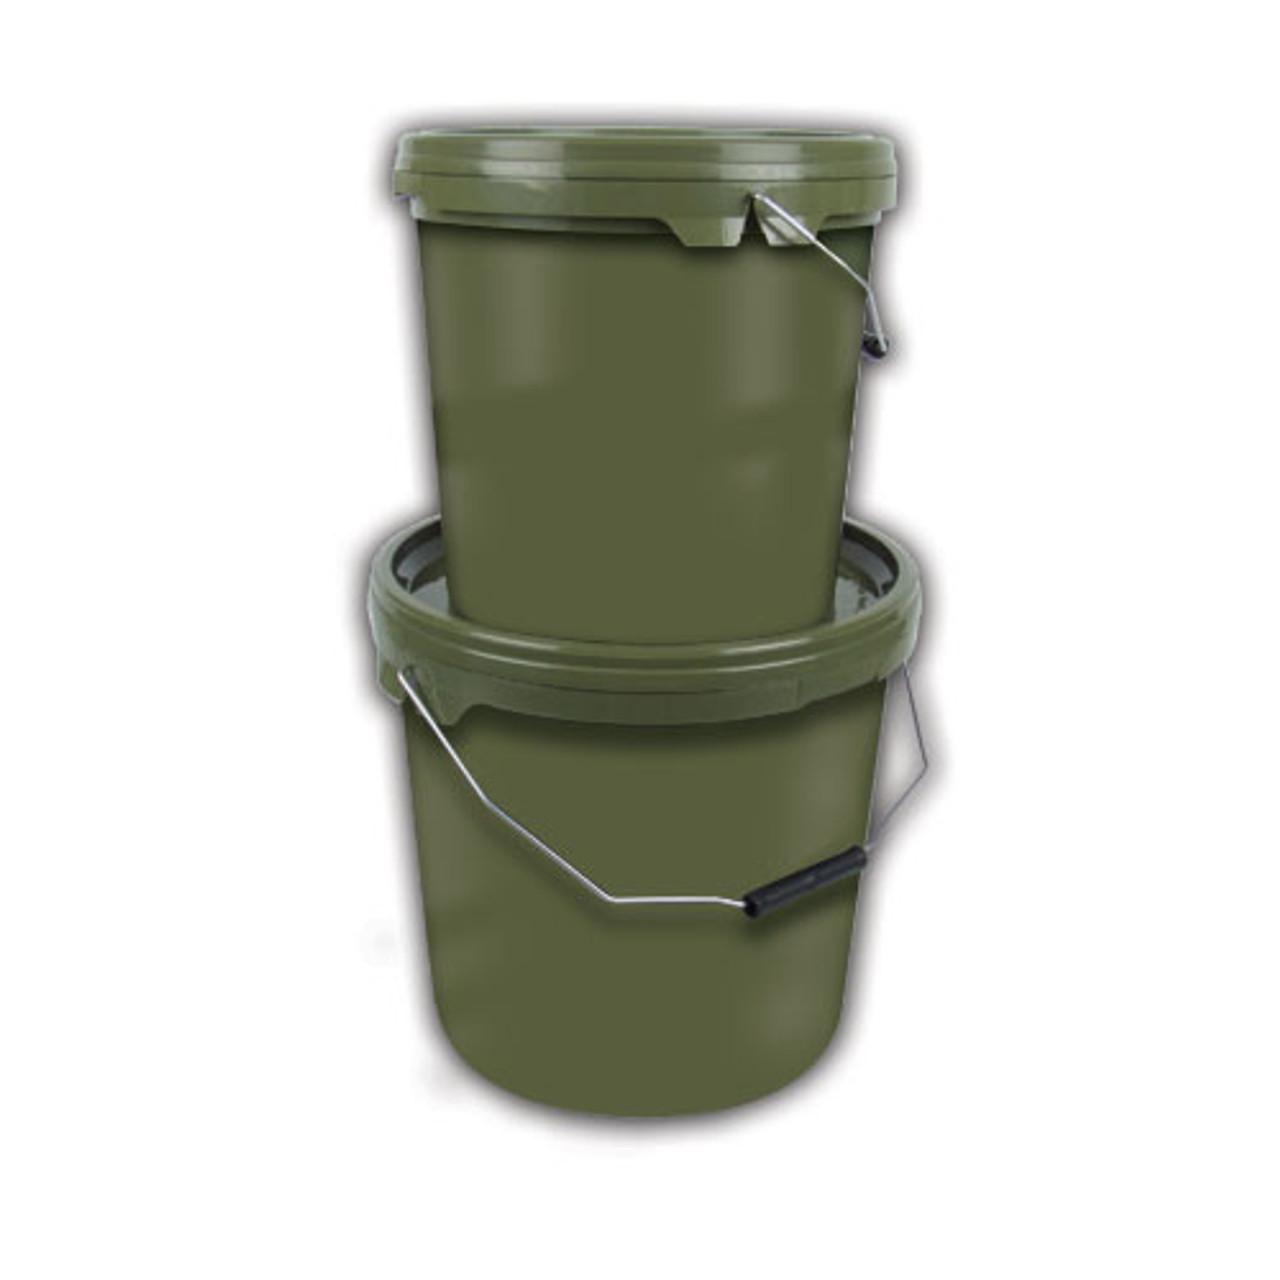 Gardner Carpy Green Bait Buckets